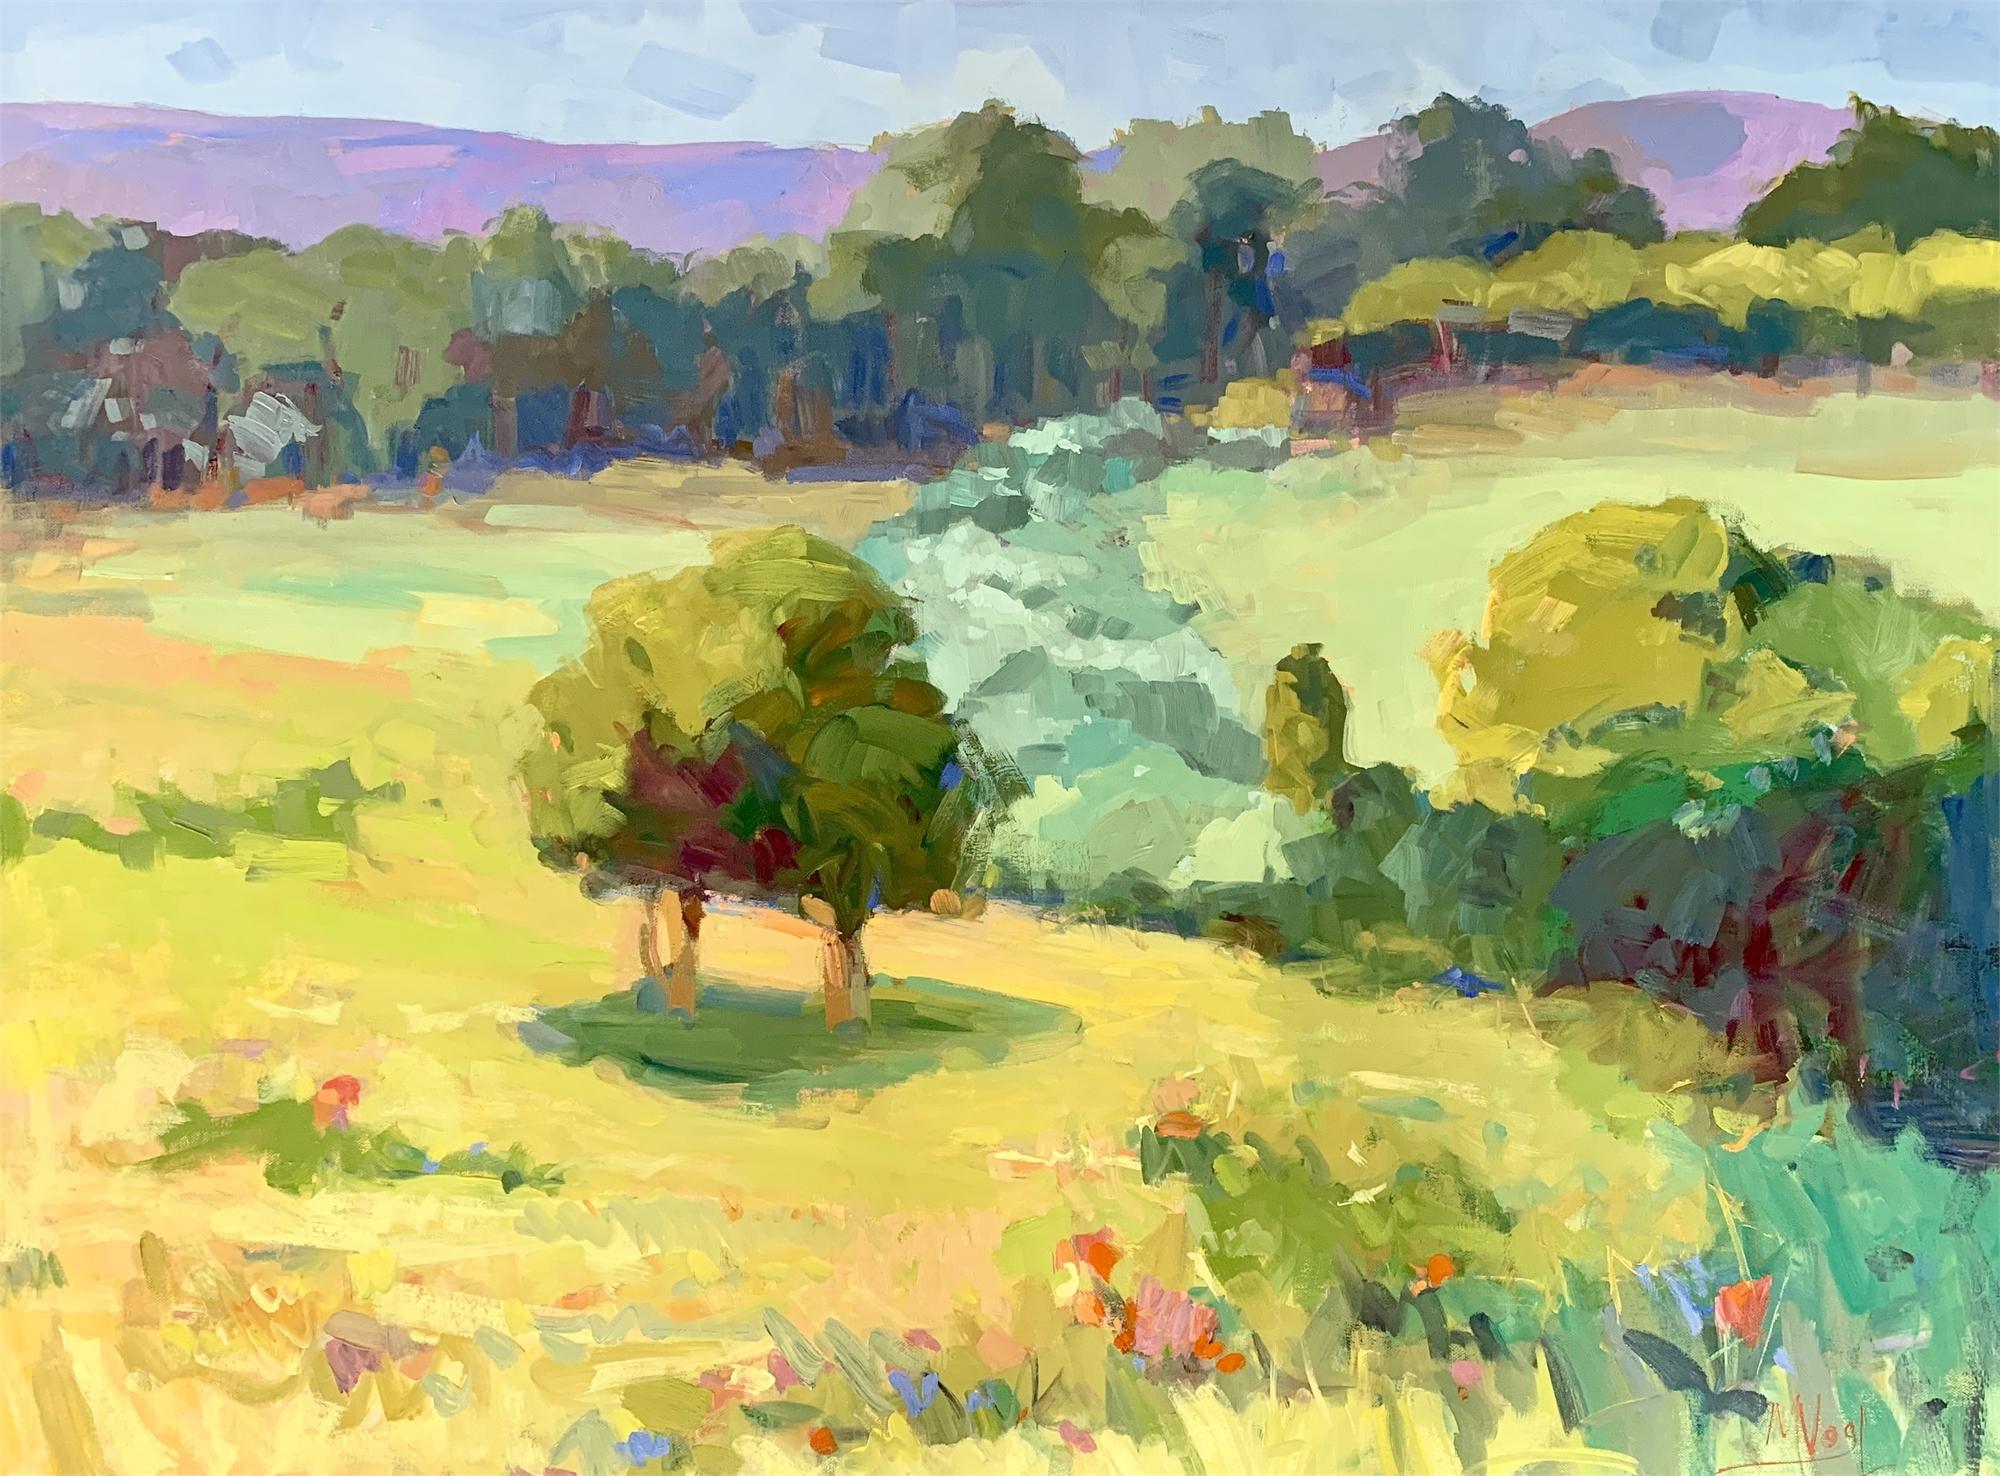 Pine Meadows by Marissa Vogl